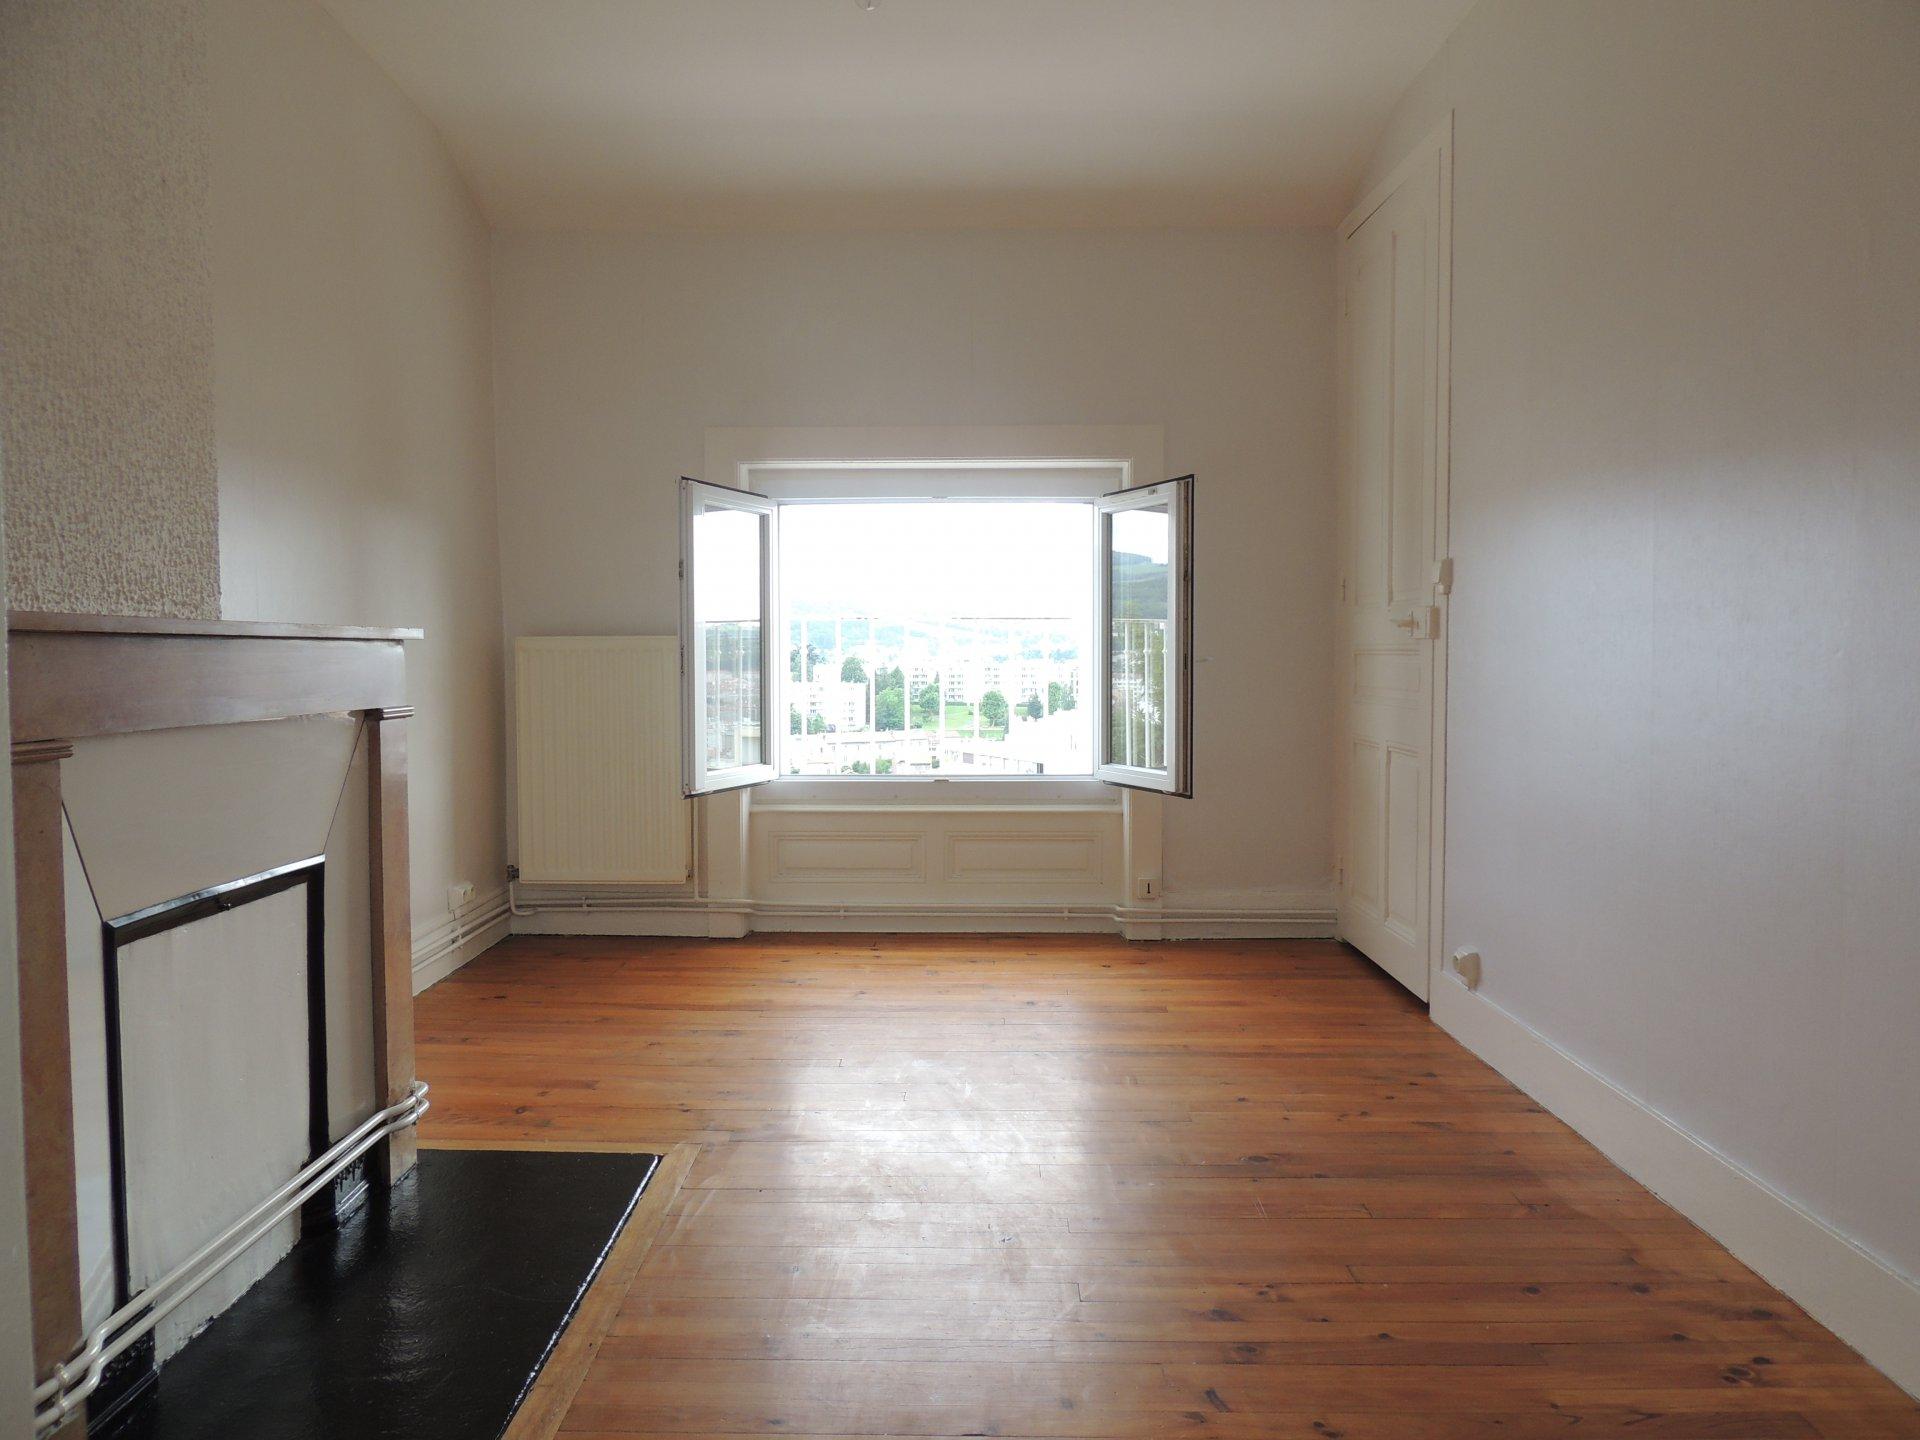 SAINT-ETIENNE - Appartement T2- Secteur VILLEBOEUF